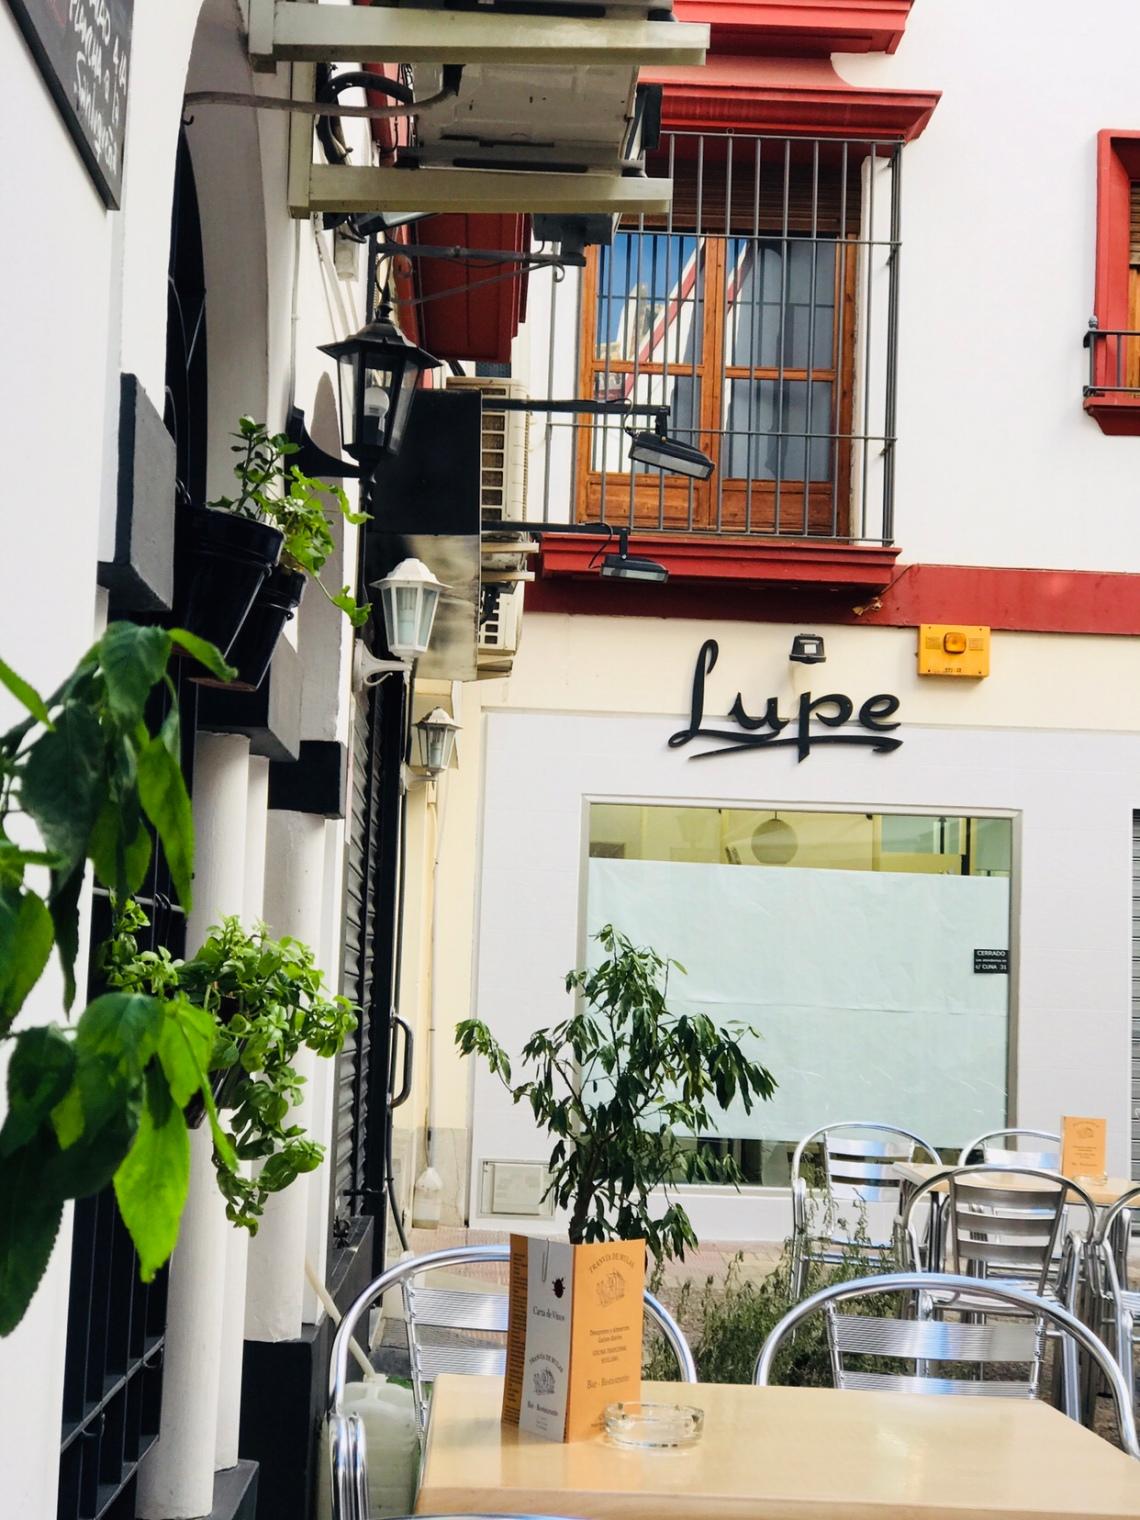 Seville road side cafe.